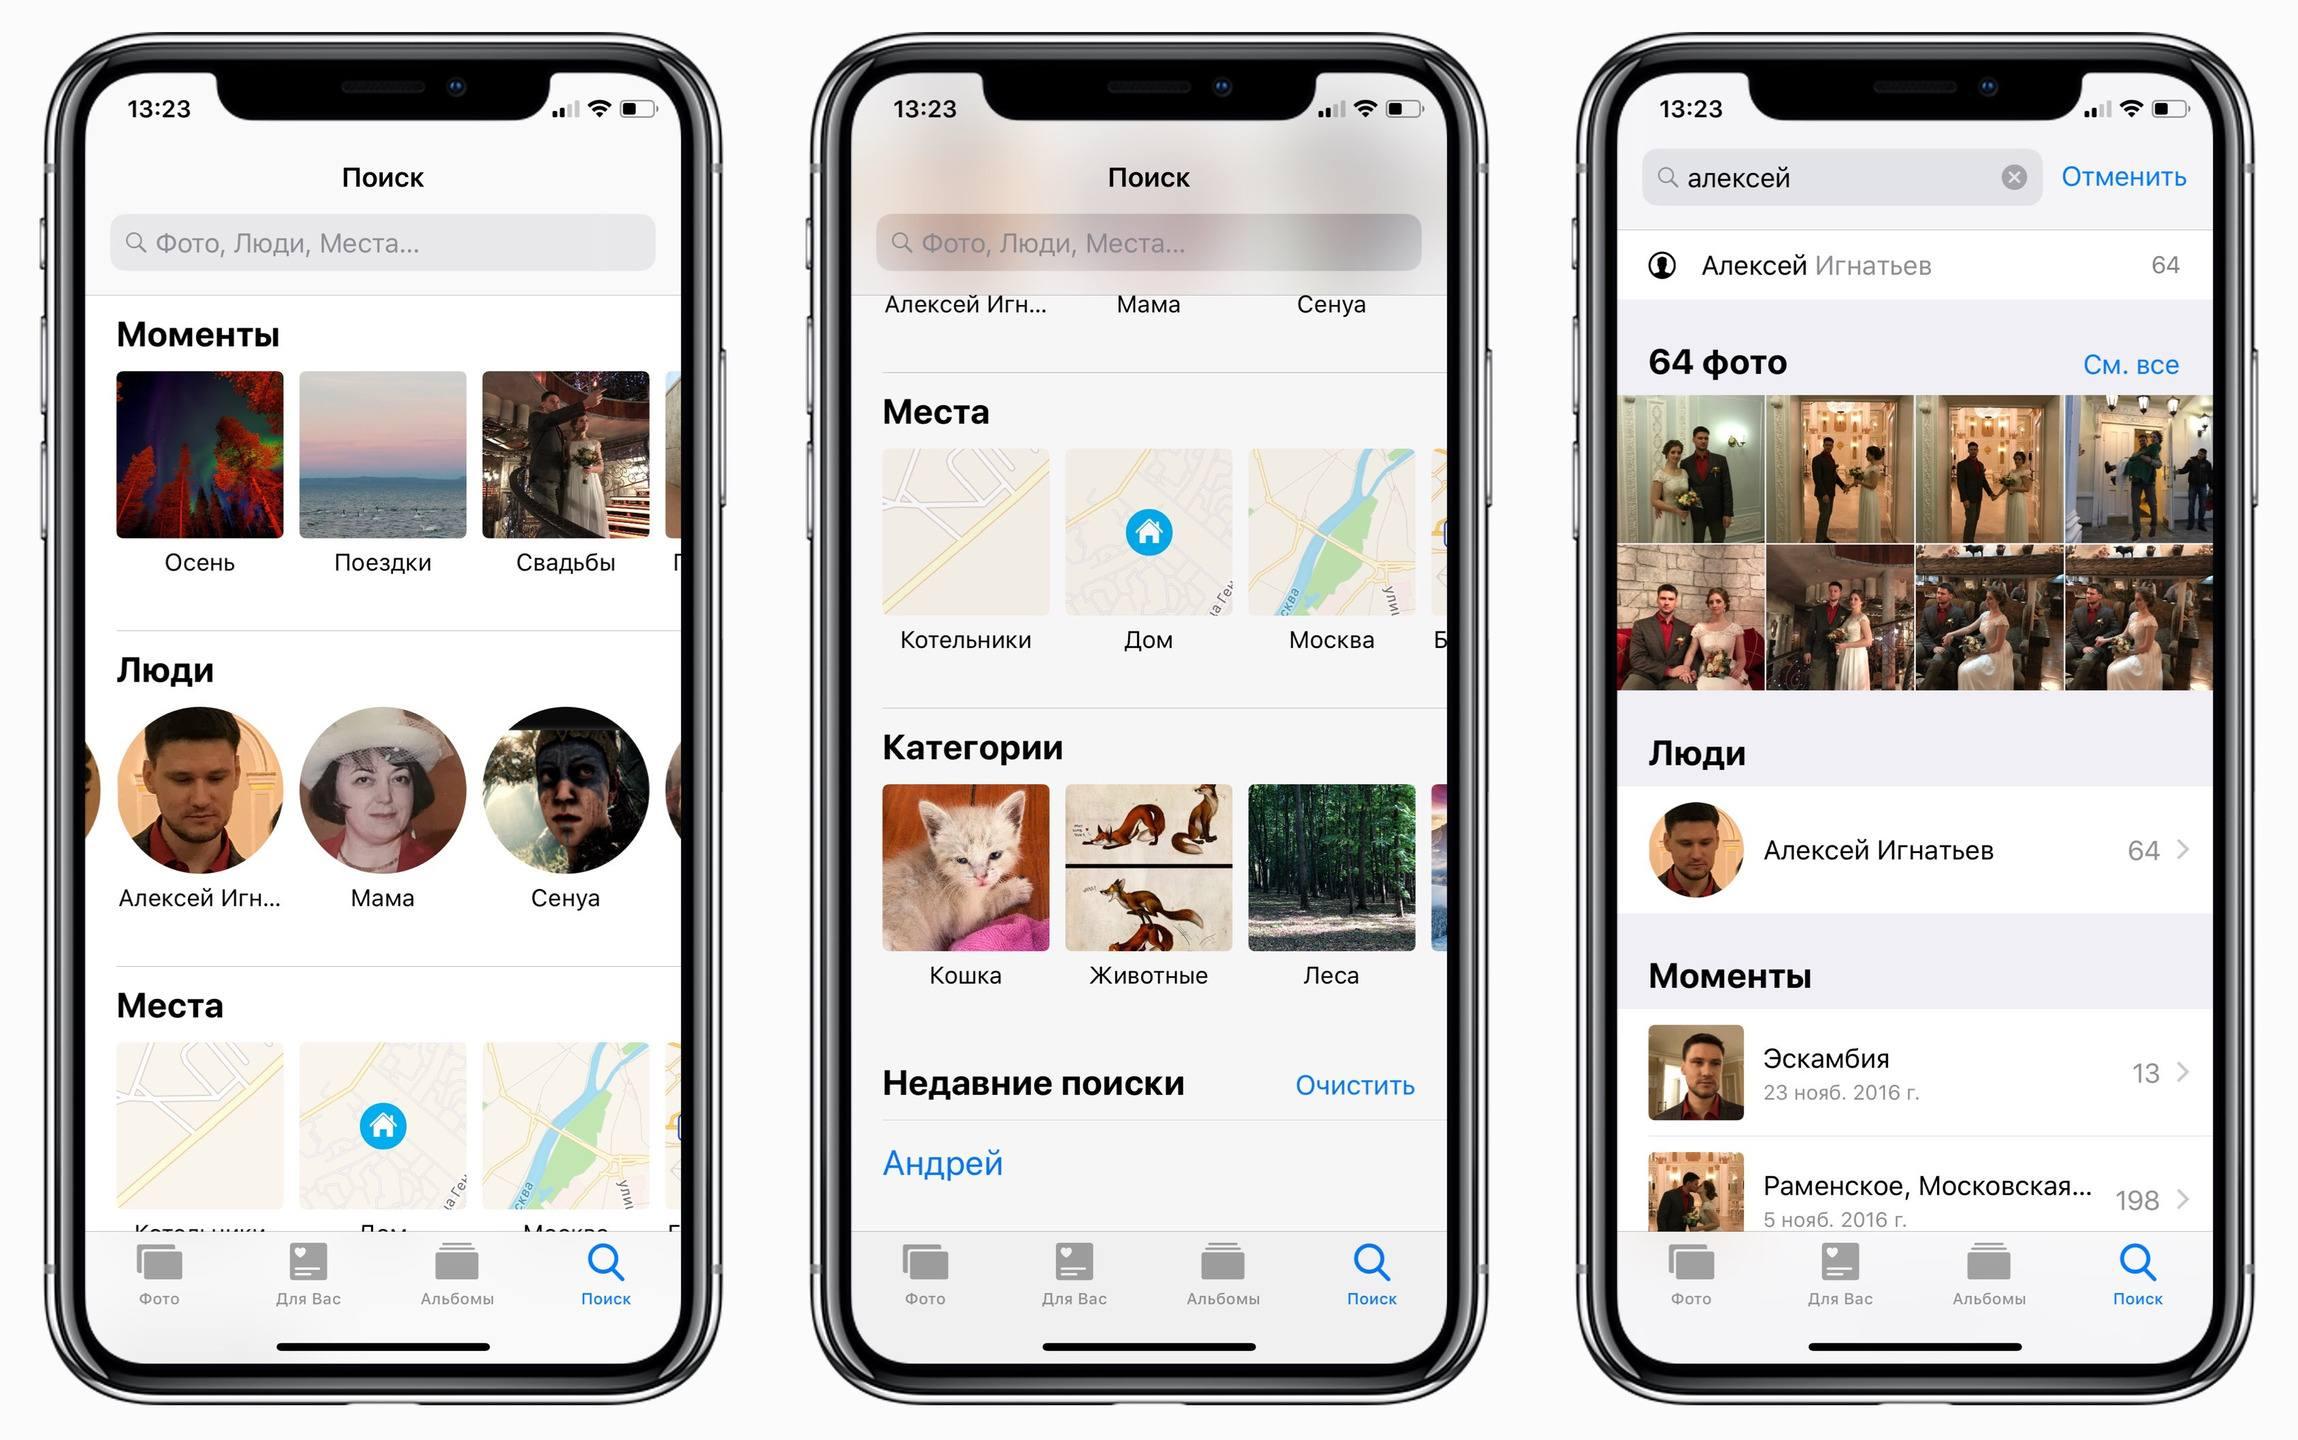 Поиск в приложении Фото в iOS 12